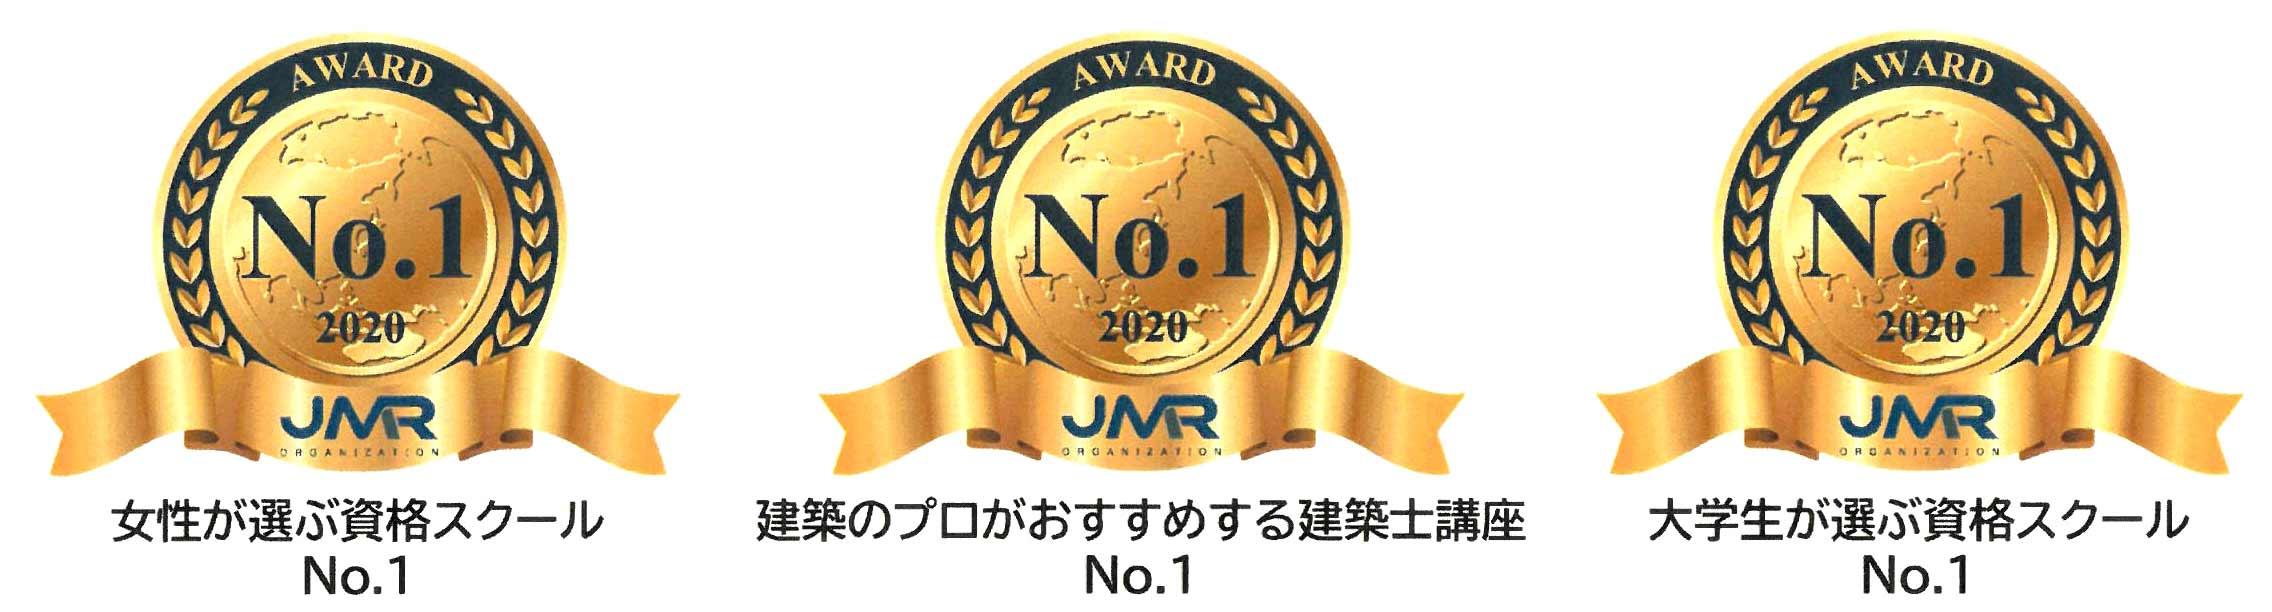 JMR No.1 3冠